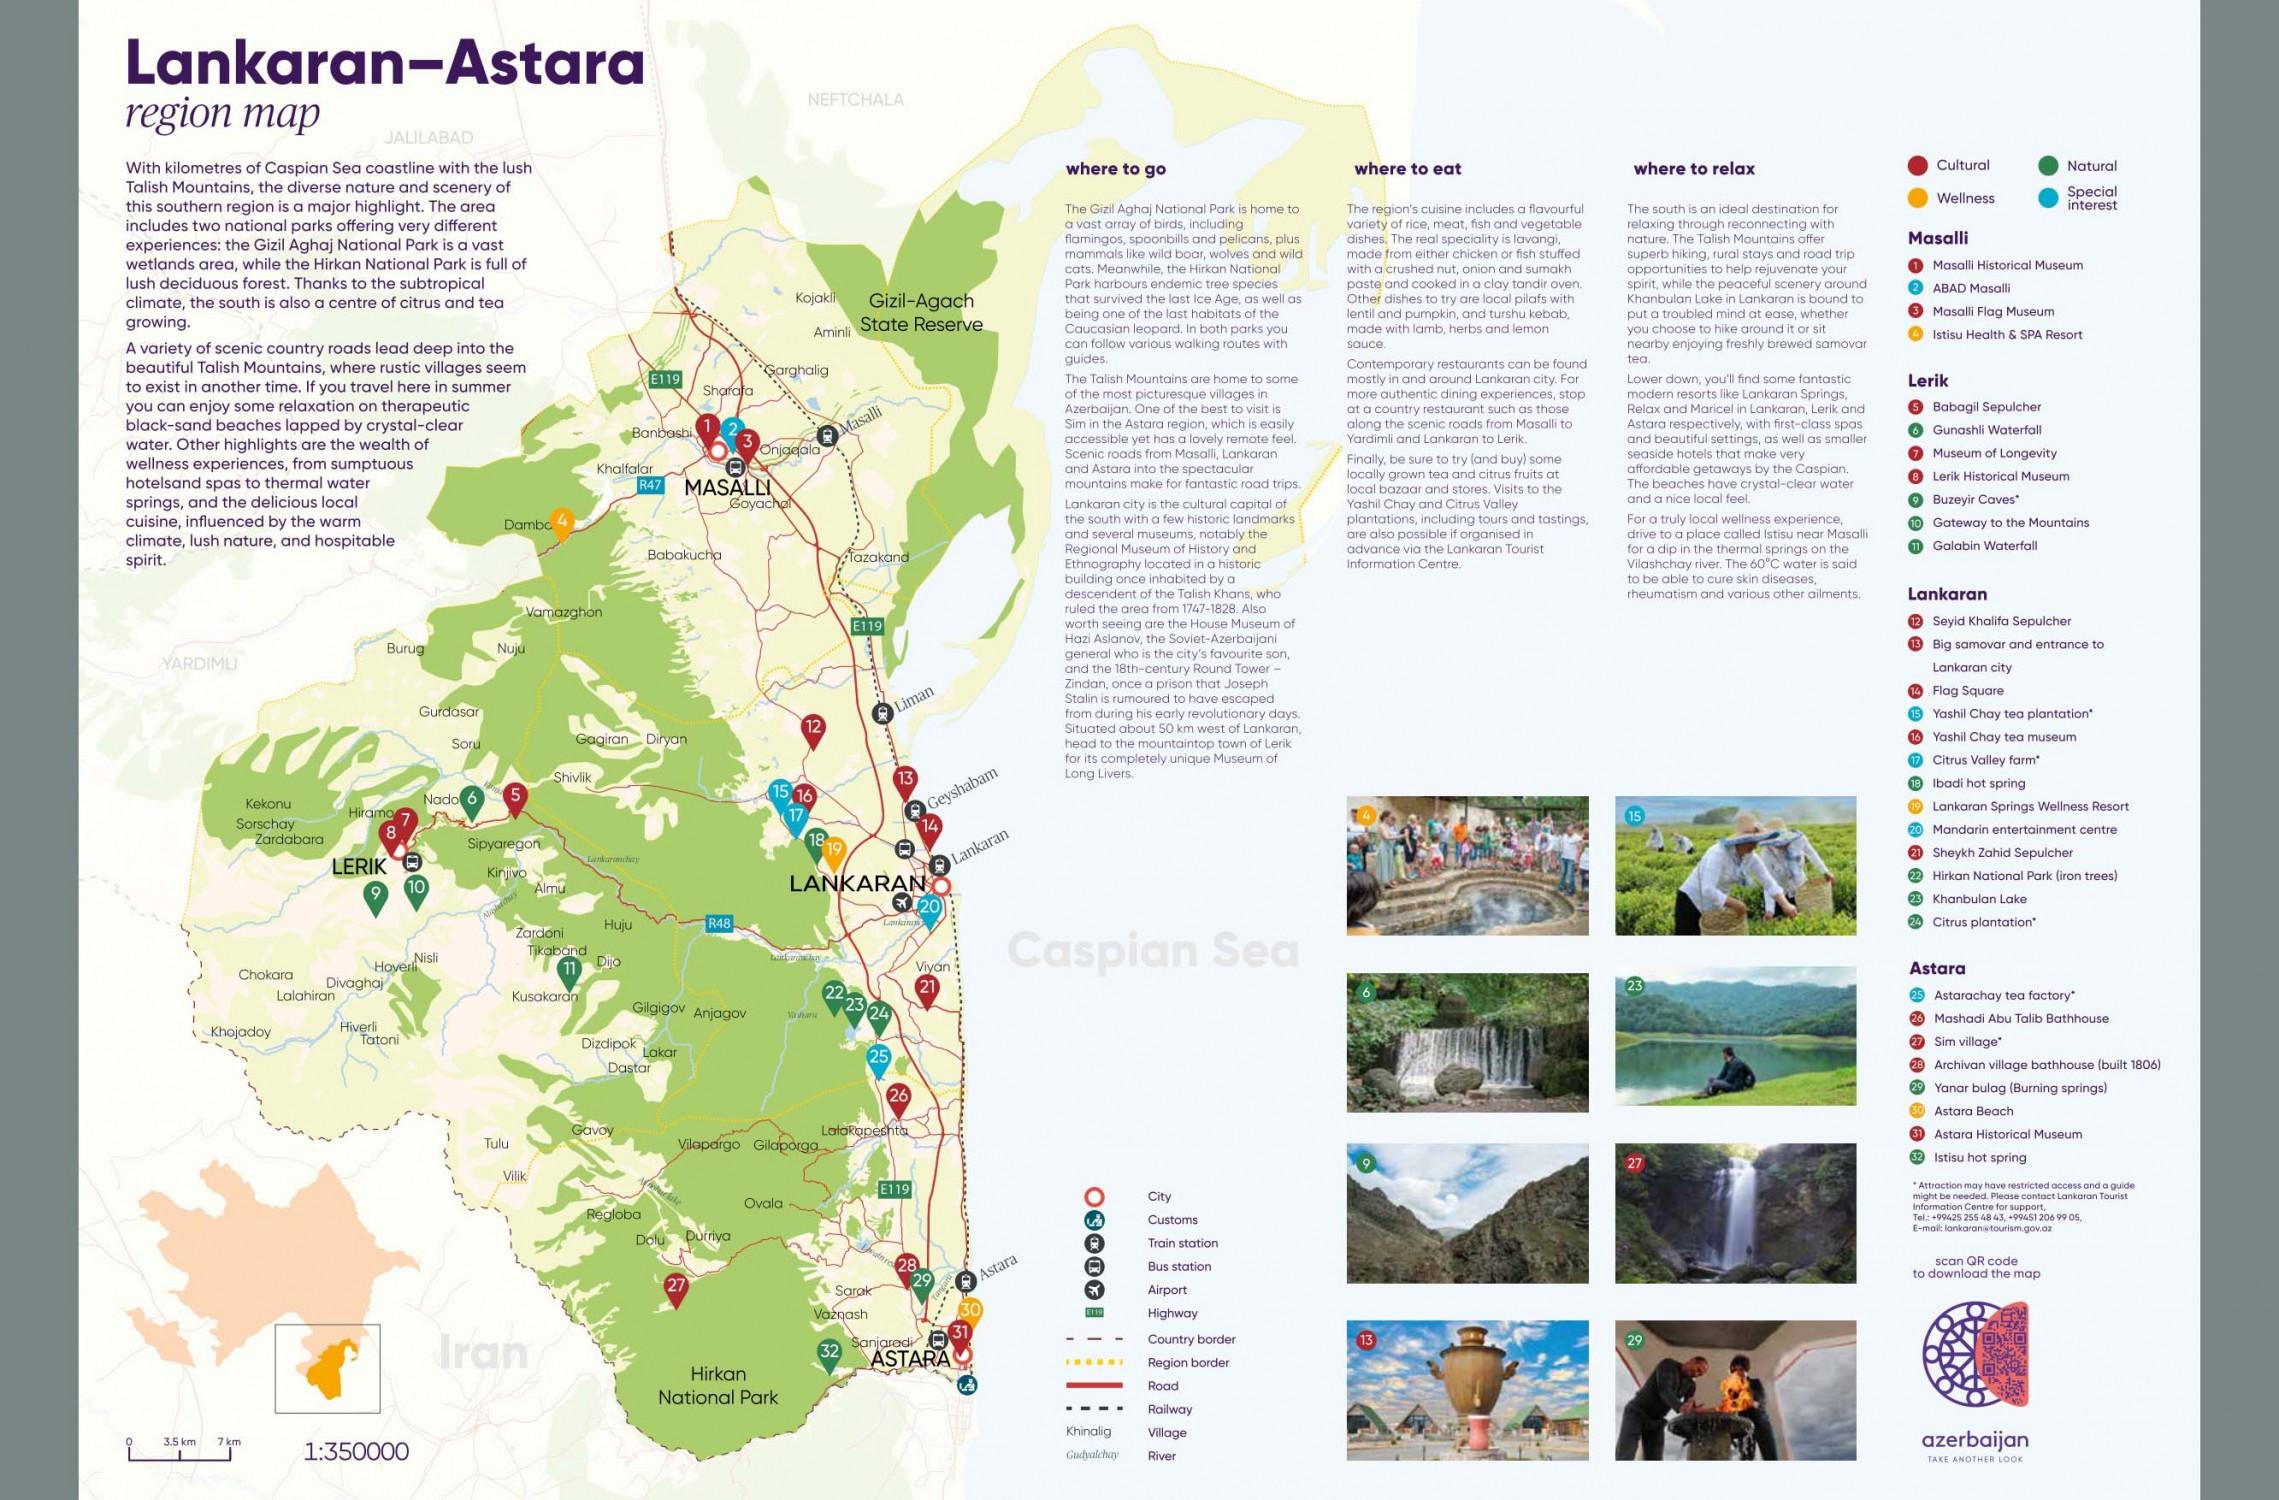 >Cənub turizm dəhlizi üzrə Lənkəran-Astara regional xəritəsi hazırlanıb